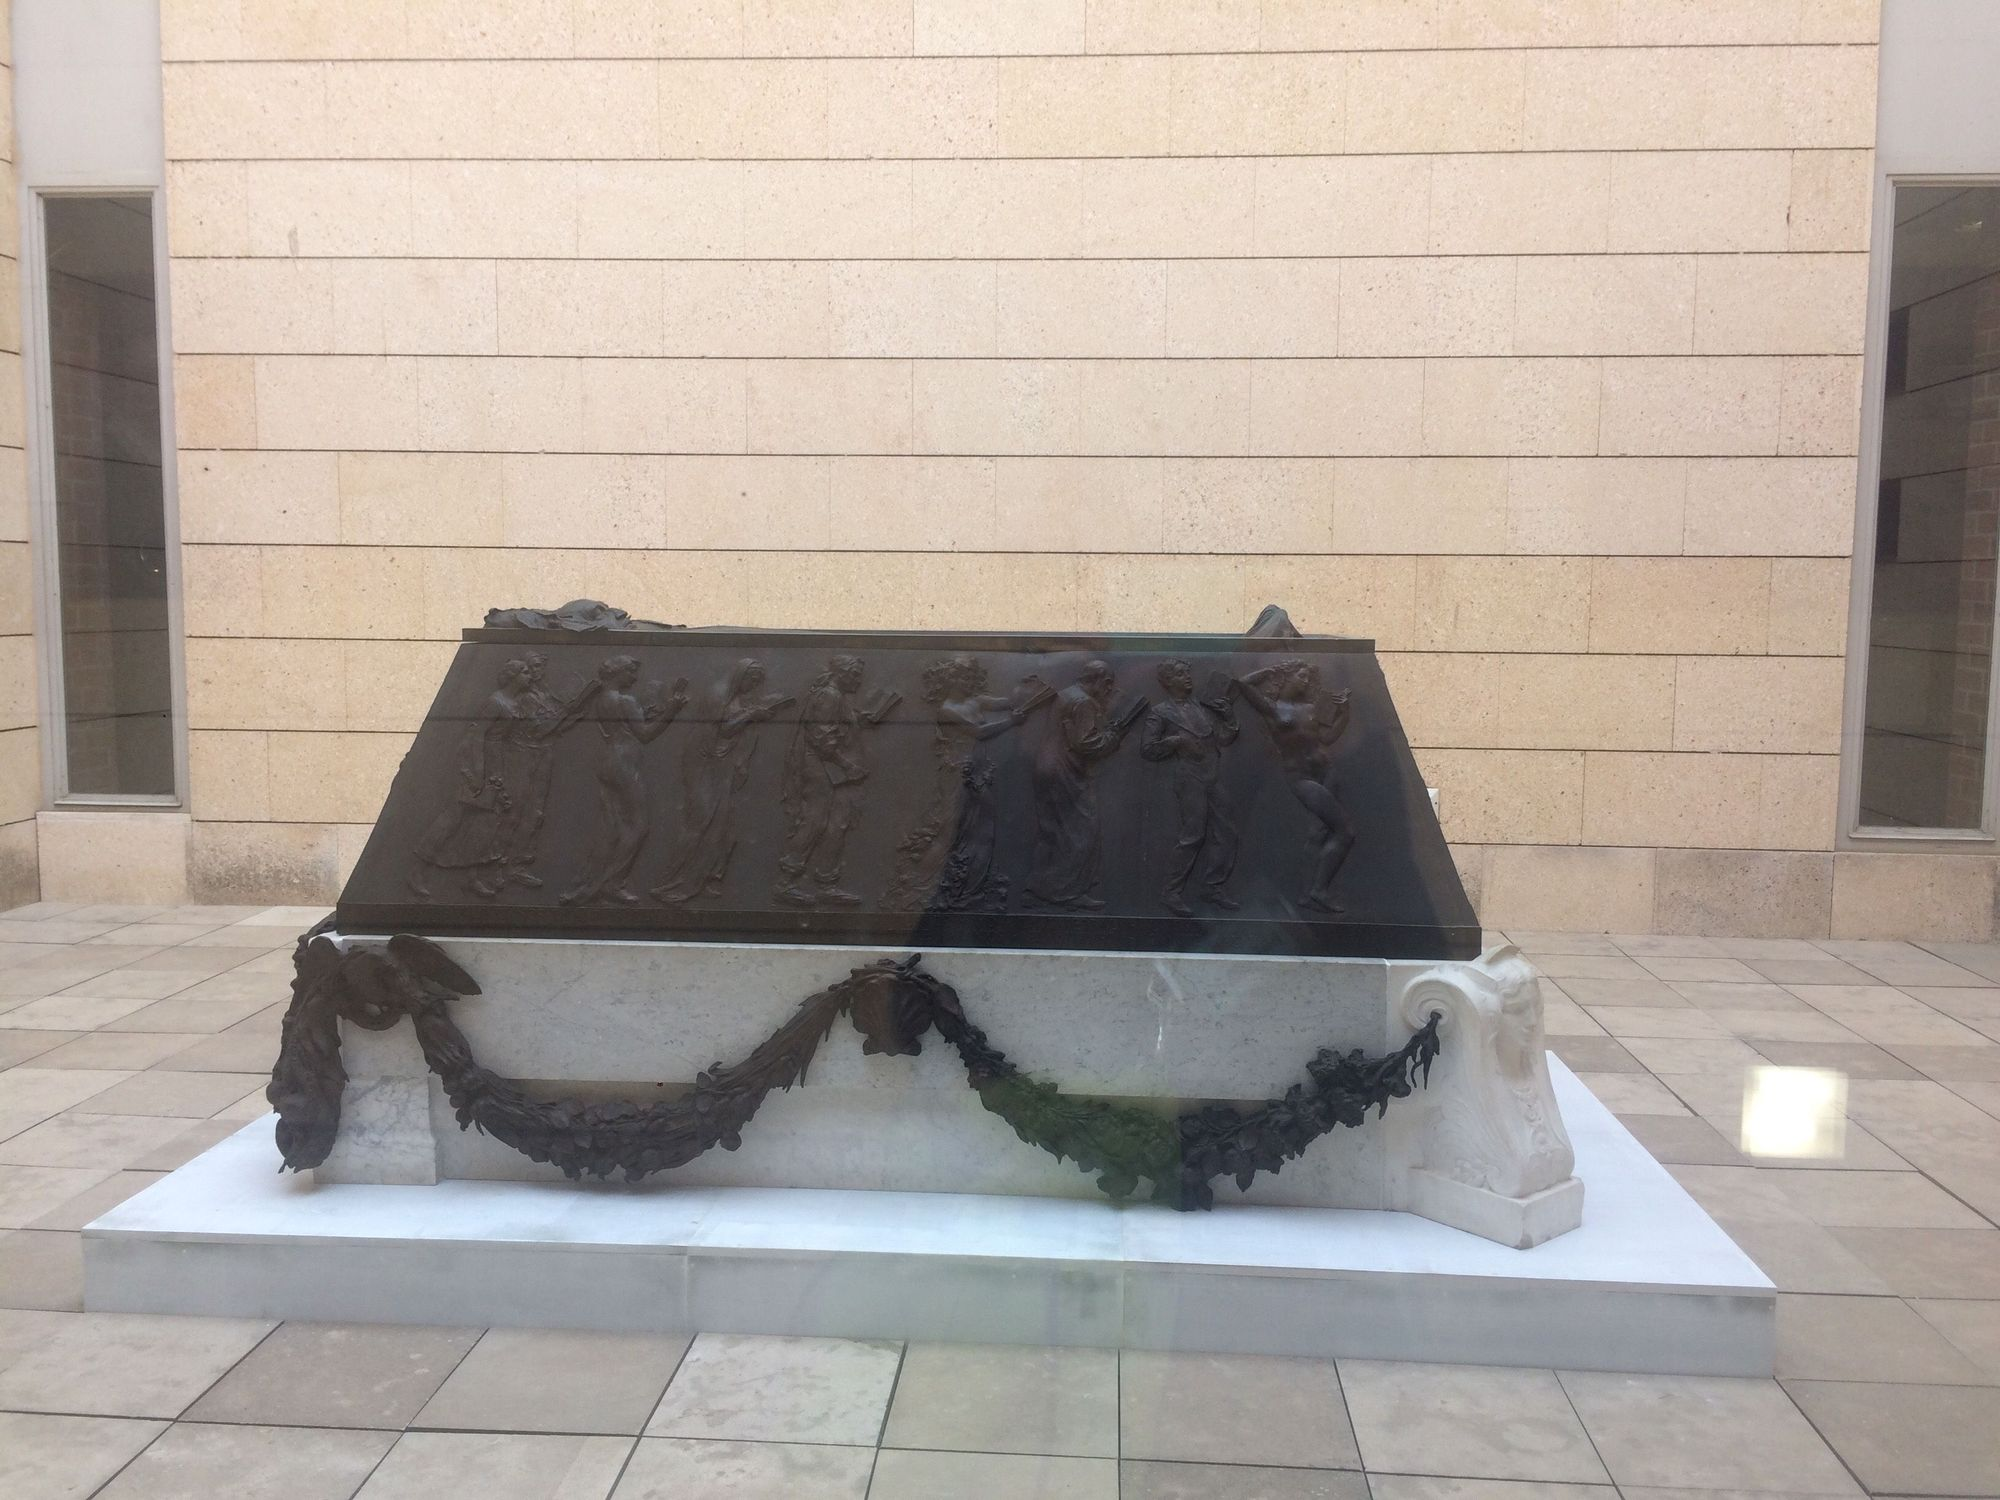 El sarcófago de Blasco Ibáñez y sus traslados